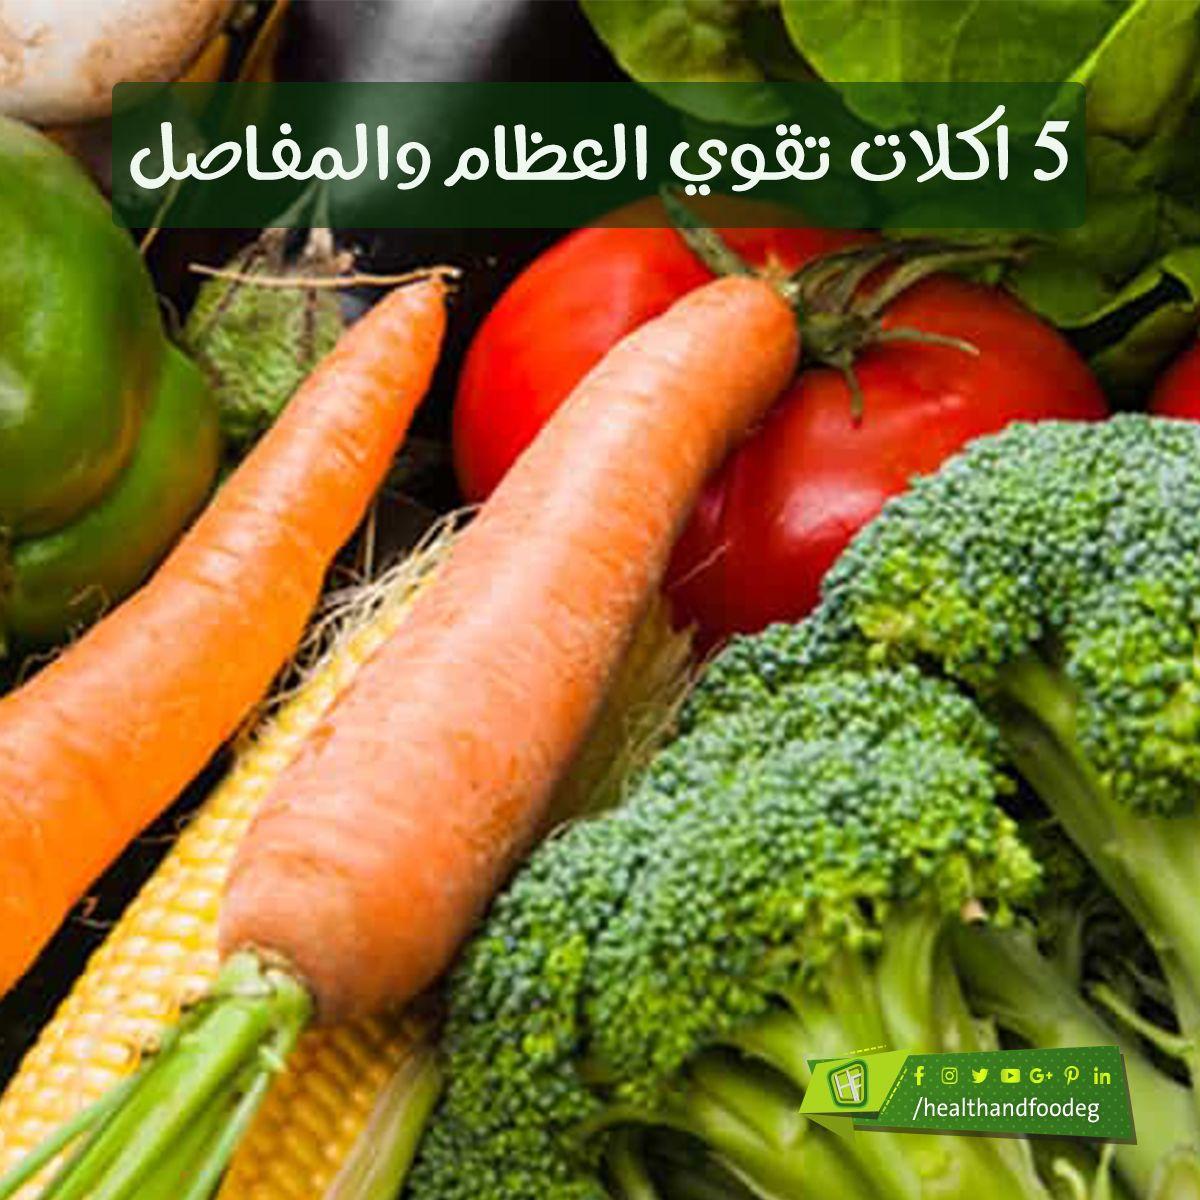 تقوية العظام والمفاصل وعلاجها من أهم ما يفيد صحة العائلة لذلك اخترنا 5 اكلات تقوي صحة العظام والمفاصل وتوجد بكل بيت مصري مثل اللبن وال Vegetables Food Carrots